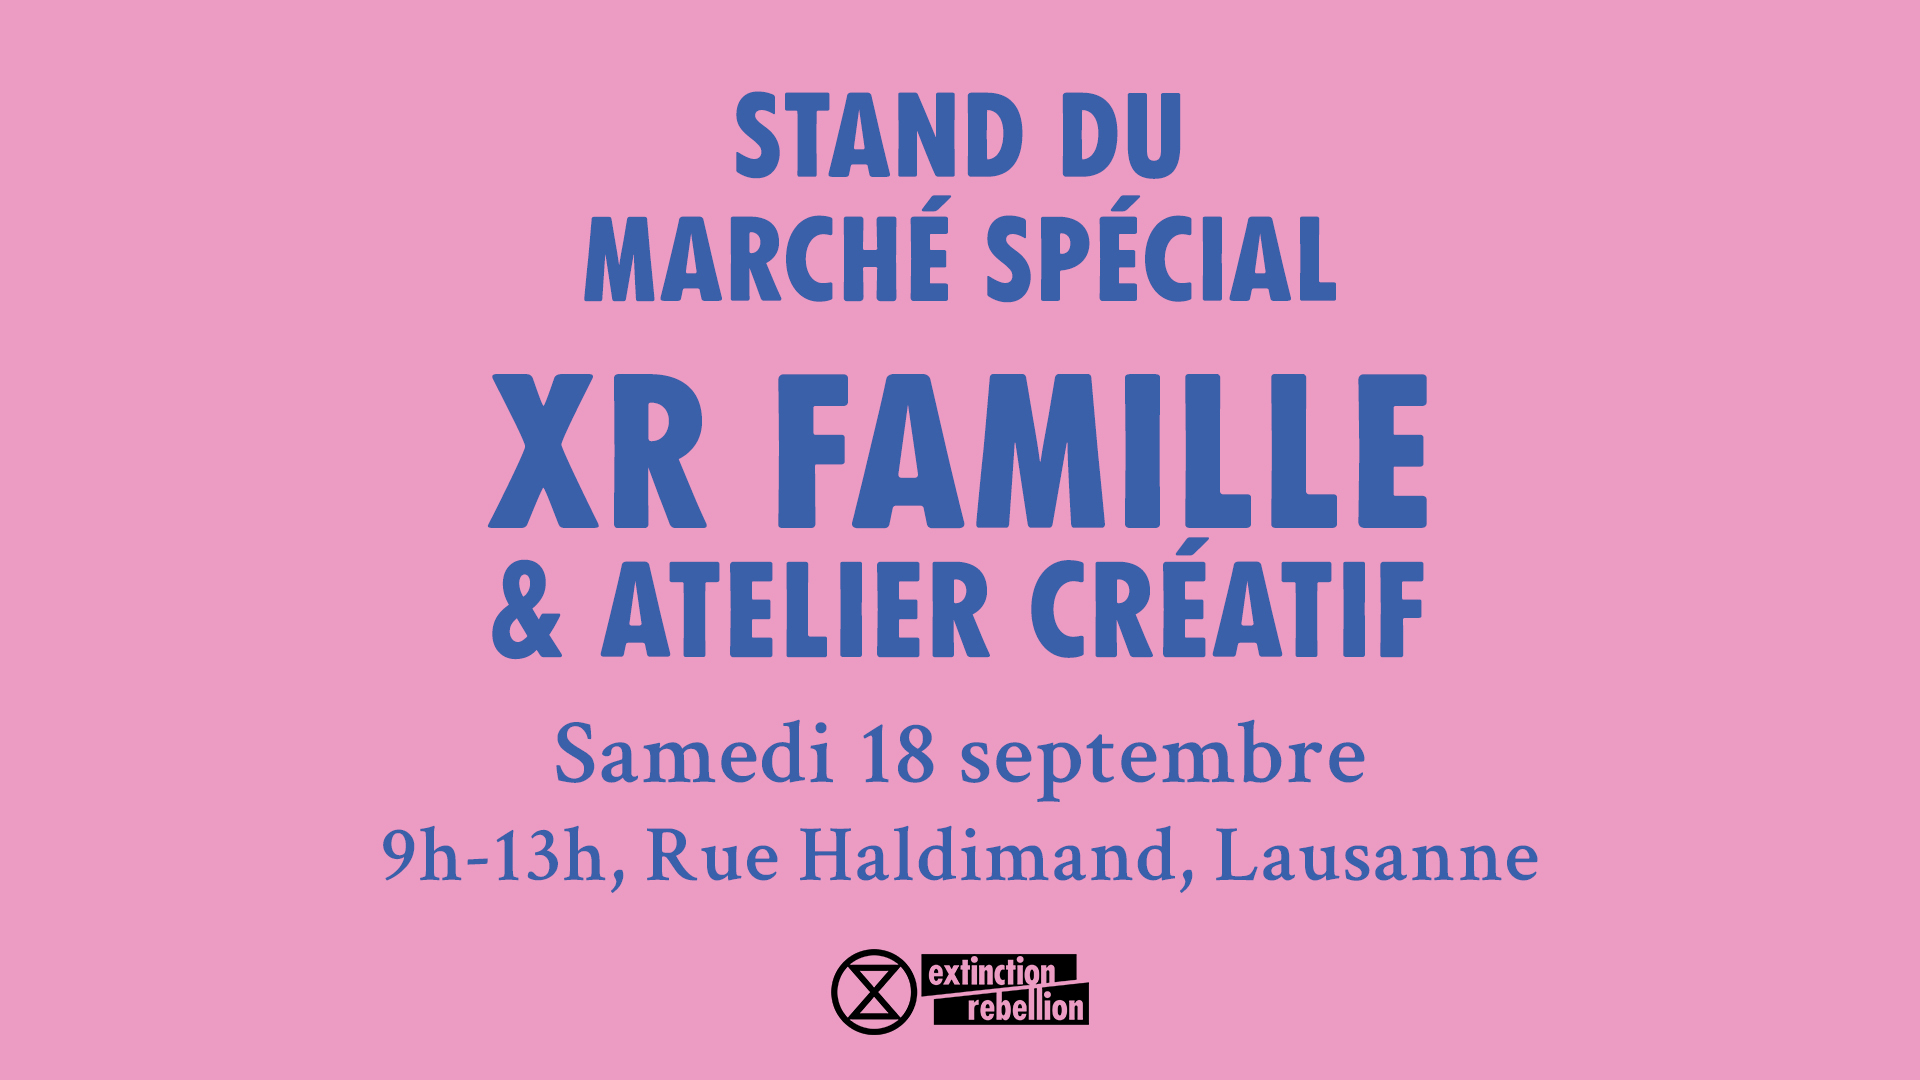 XR Famille & atelier créatif